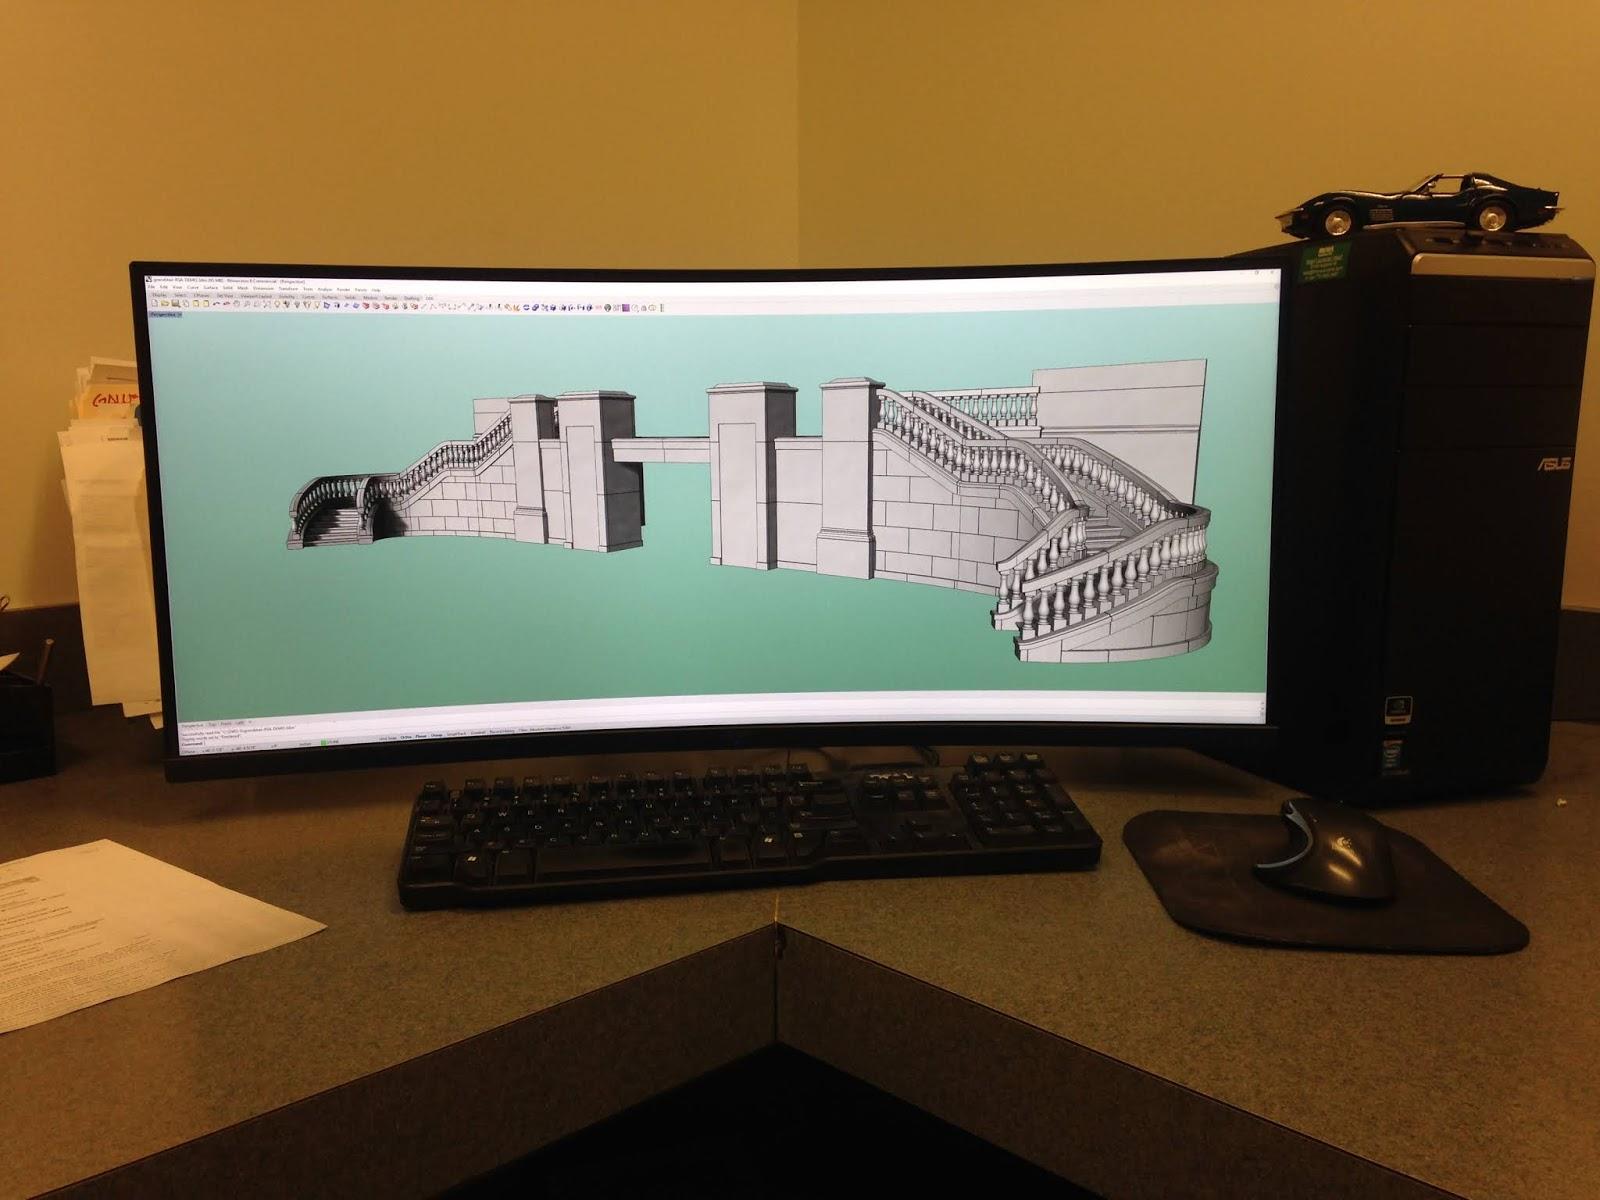 Should I get a 4k monitor? - Hardware - McNeel Forum